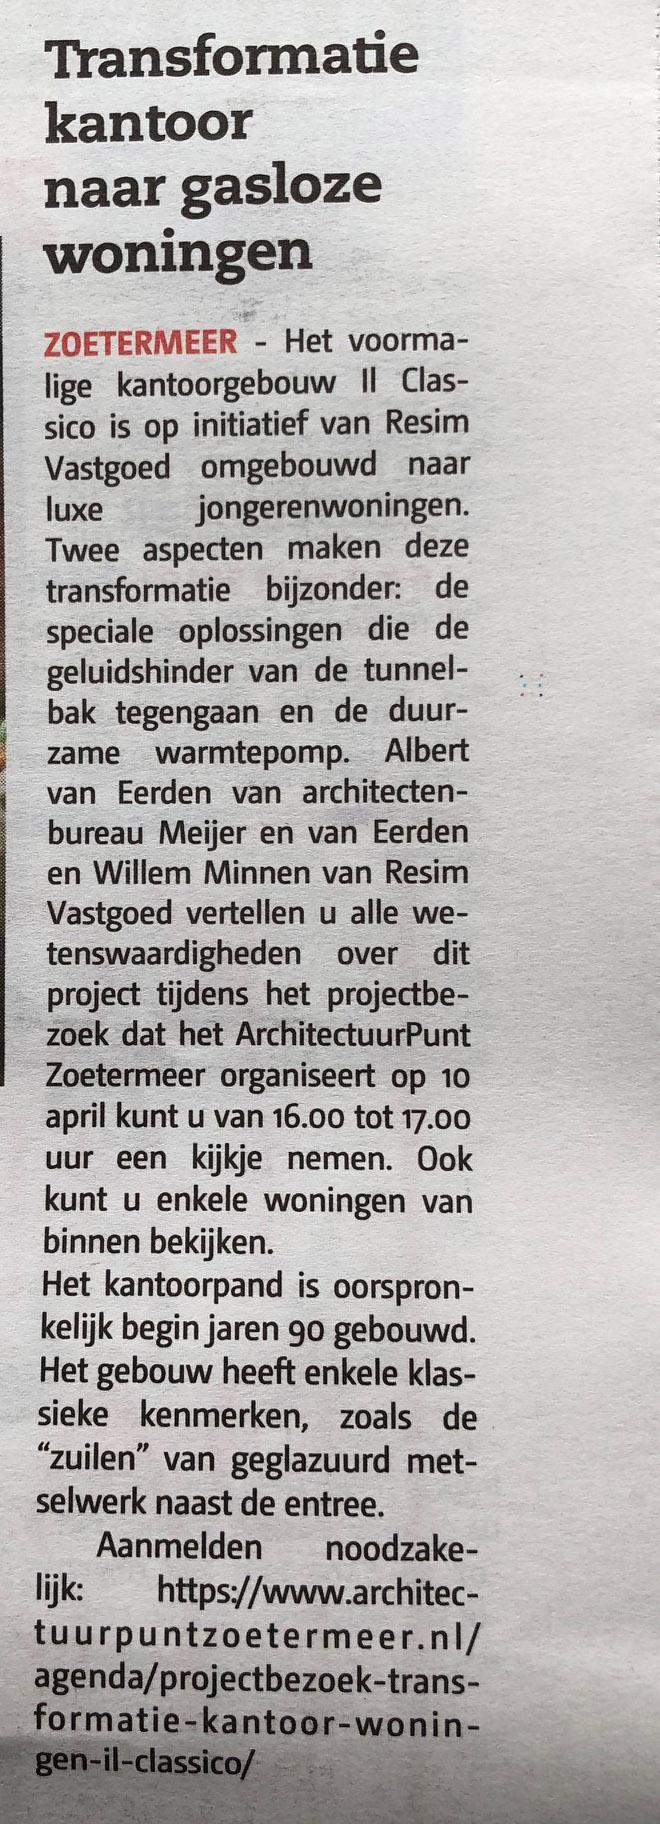 meijer-van-eerden-architectenbureau-jongerenwoningen-transformatie-kantoorpand